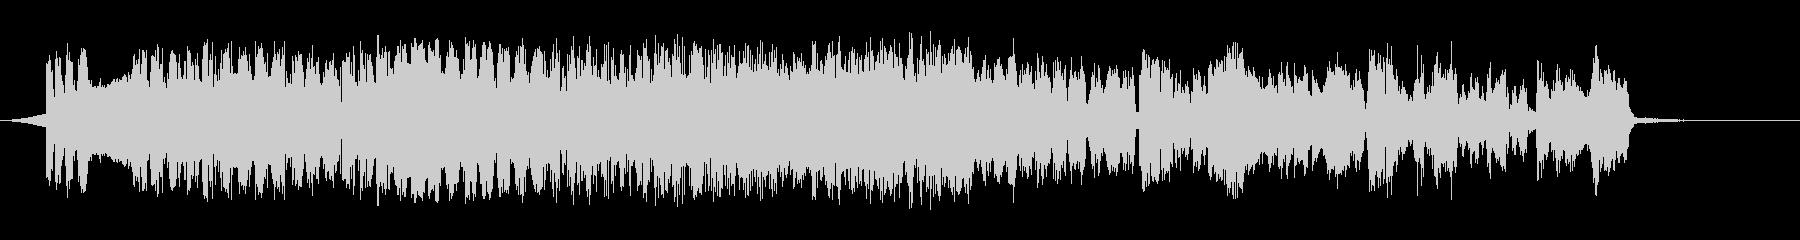 レトロスペースの未再生の波形